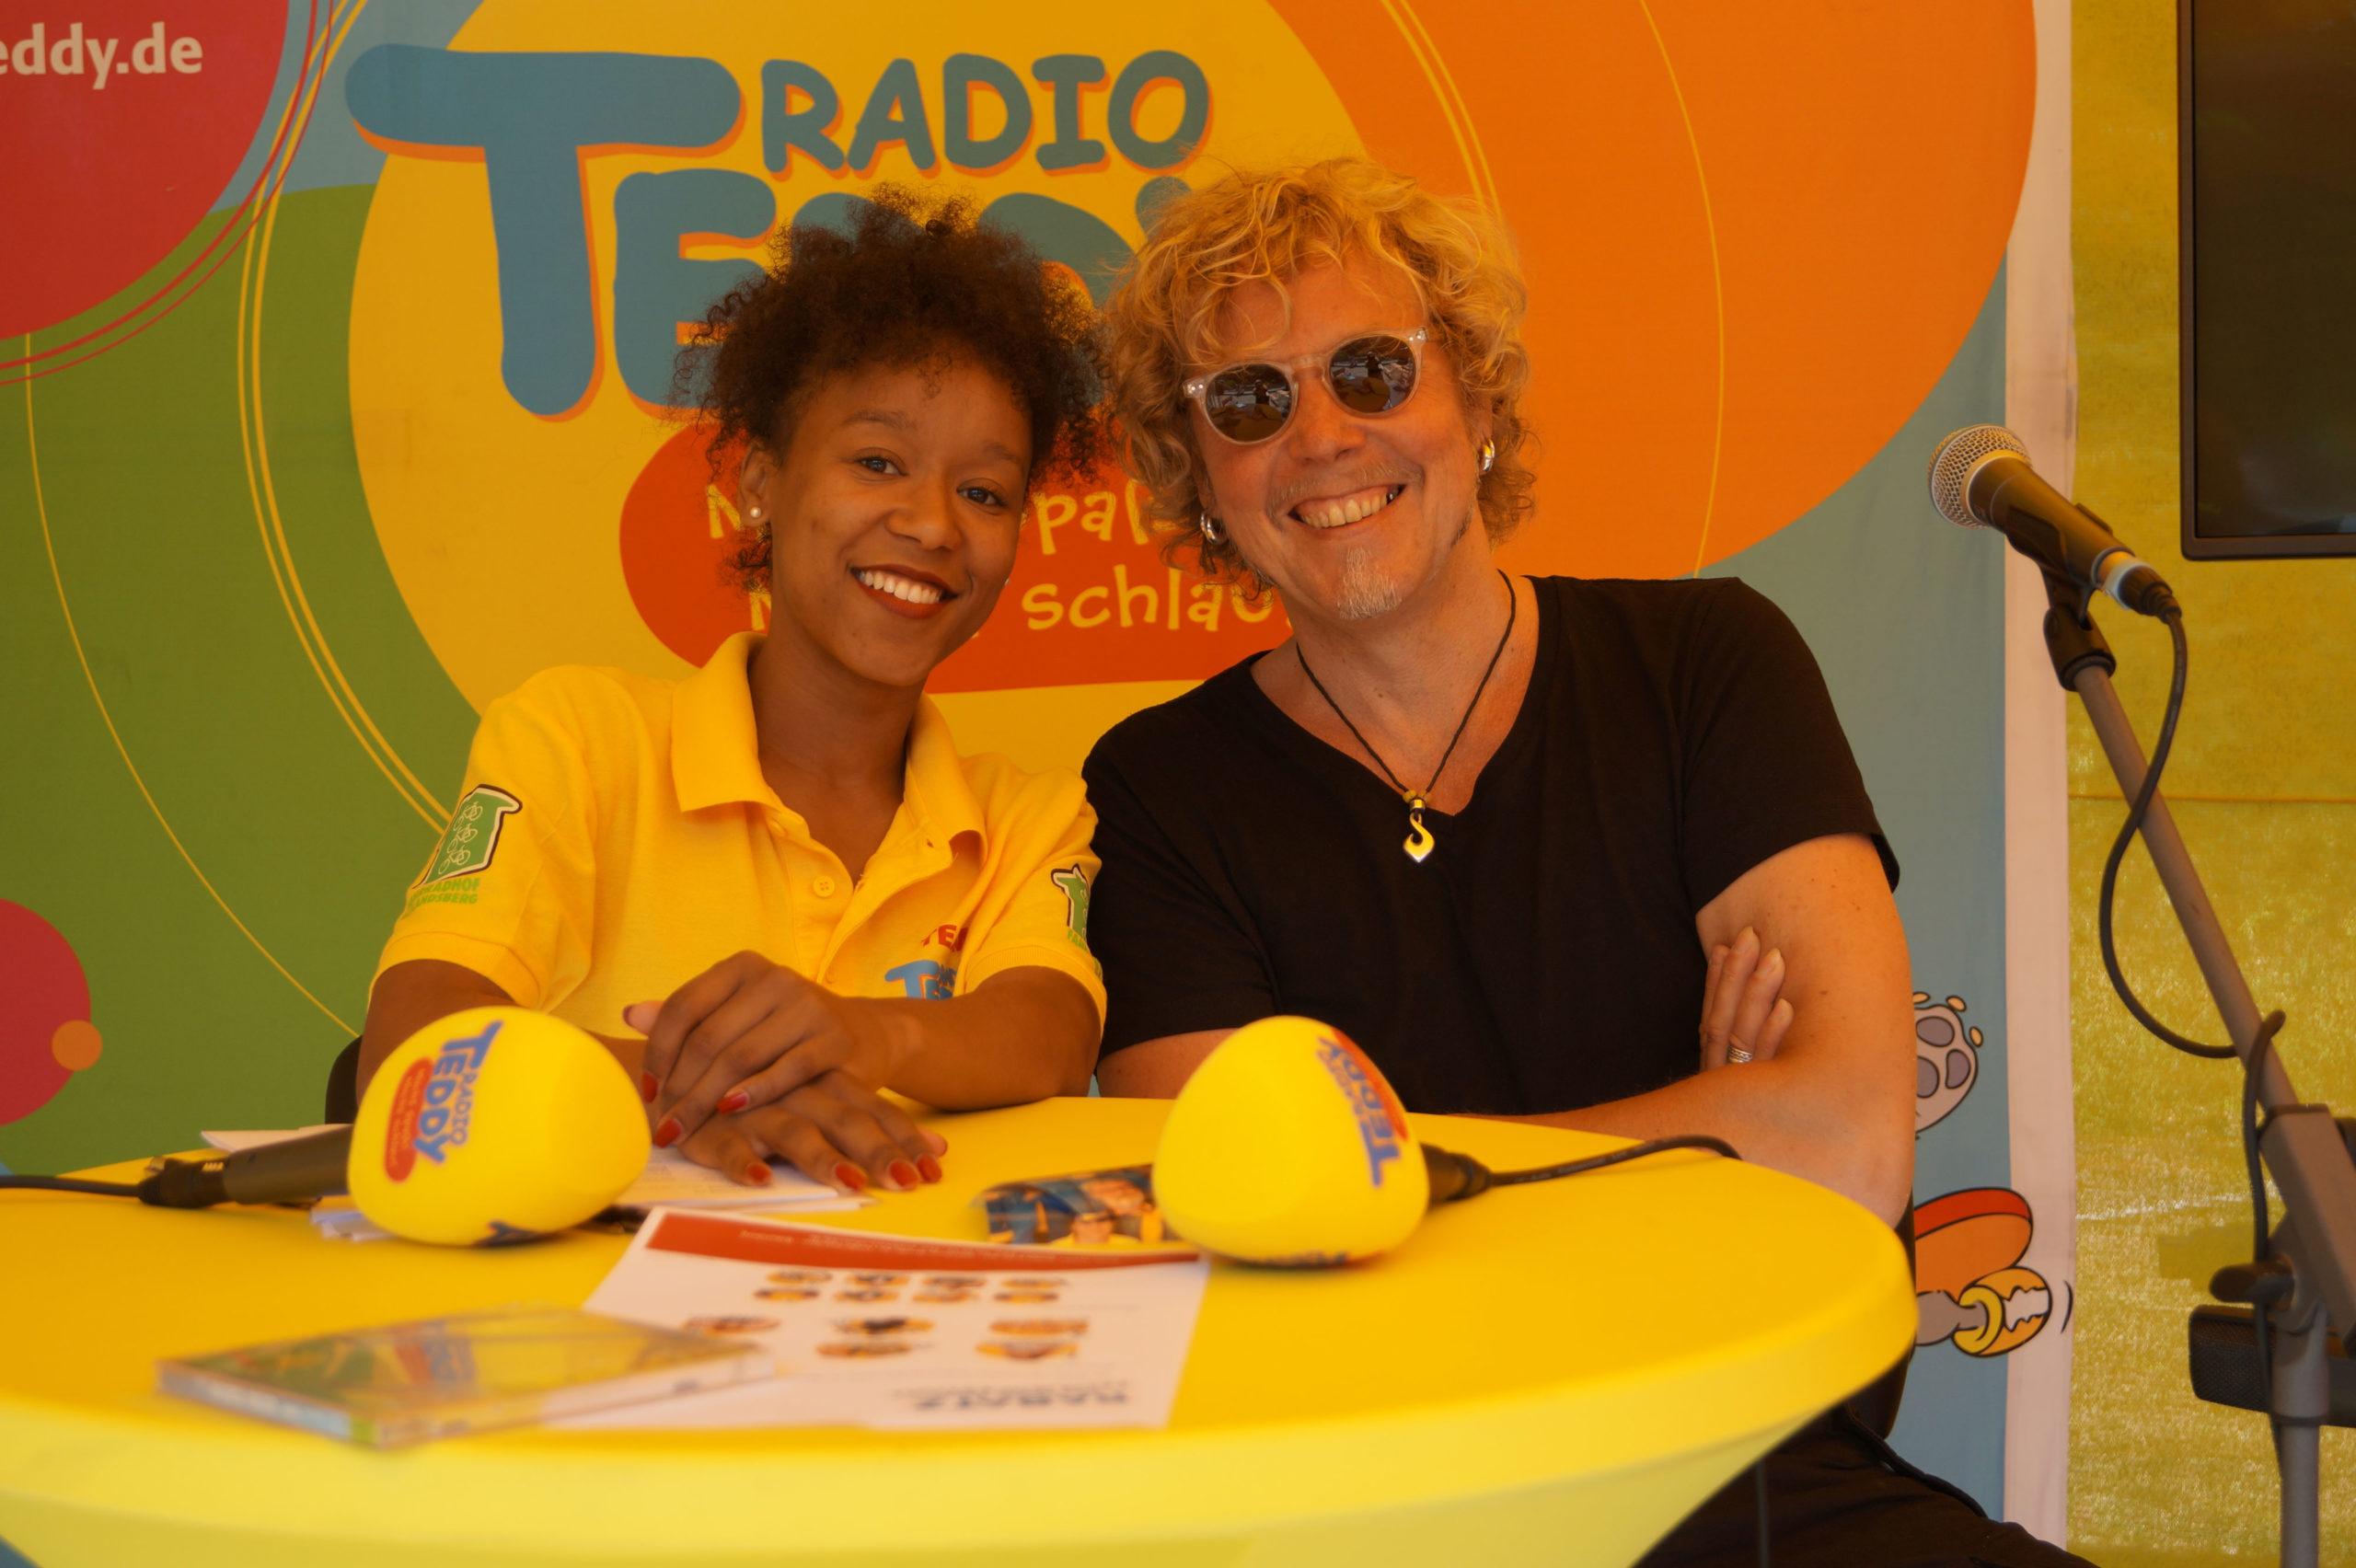 Radio-Teddy